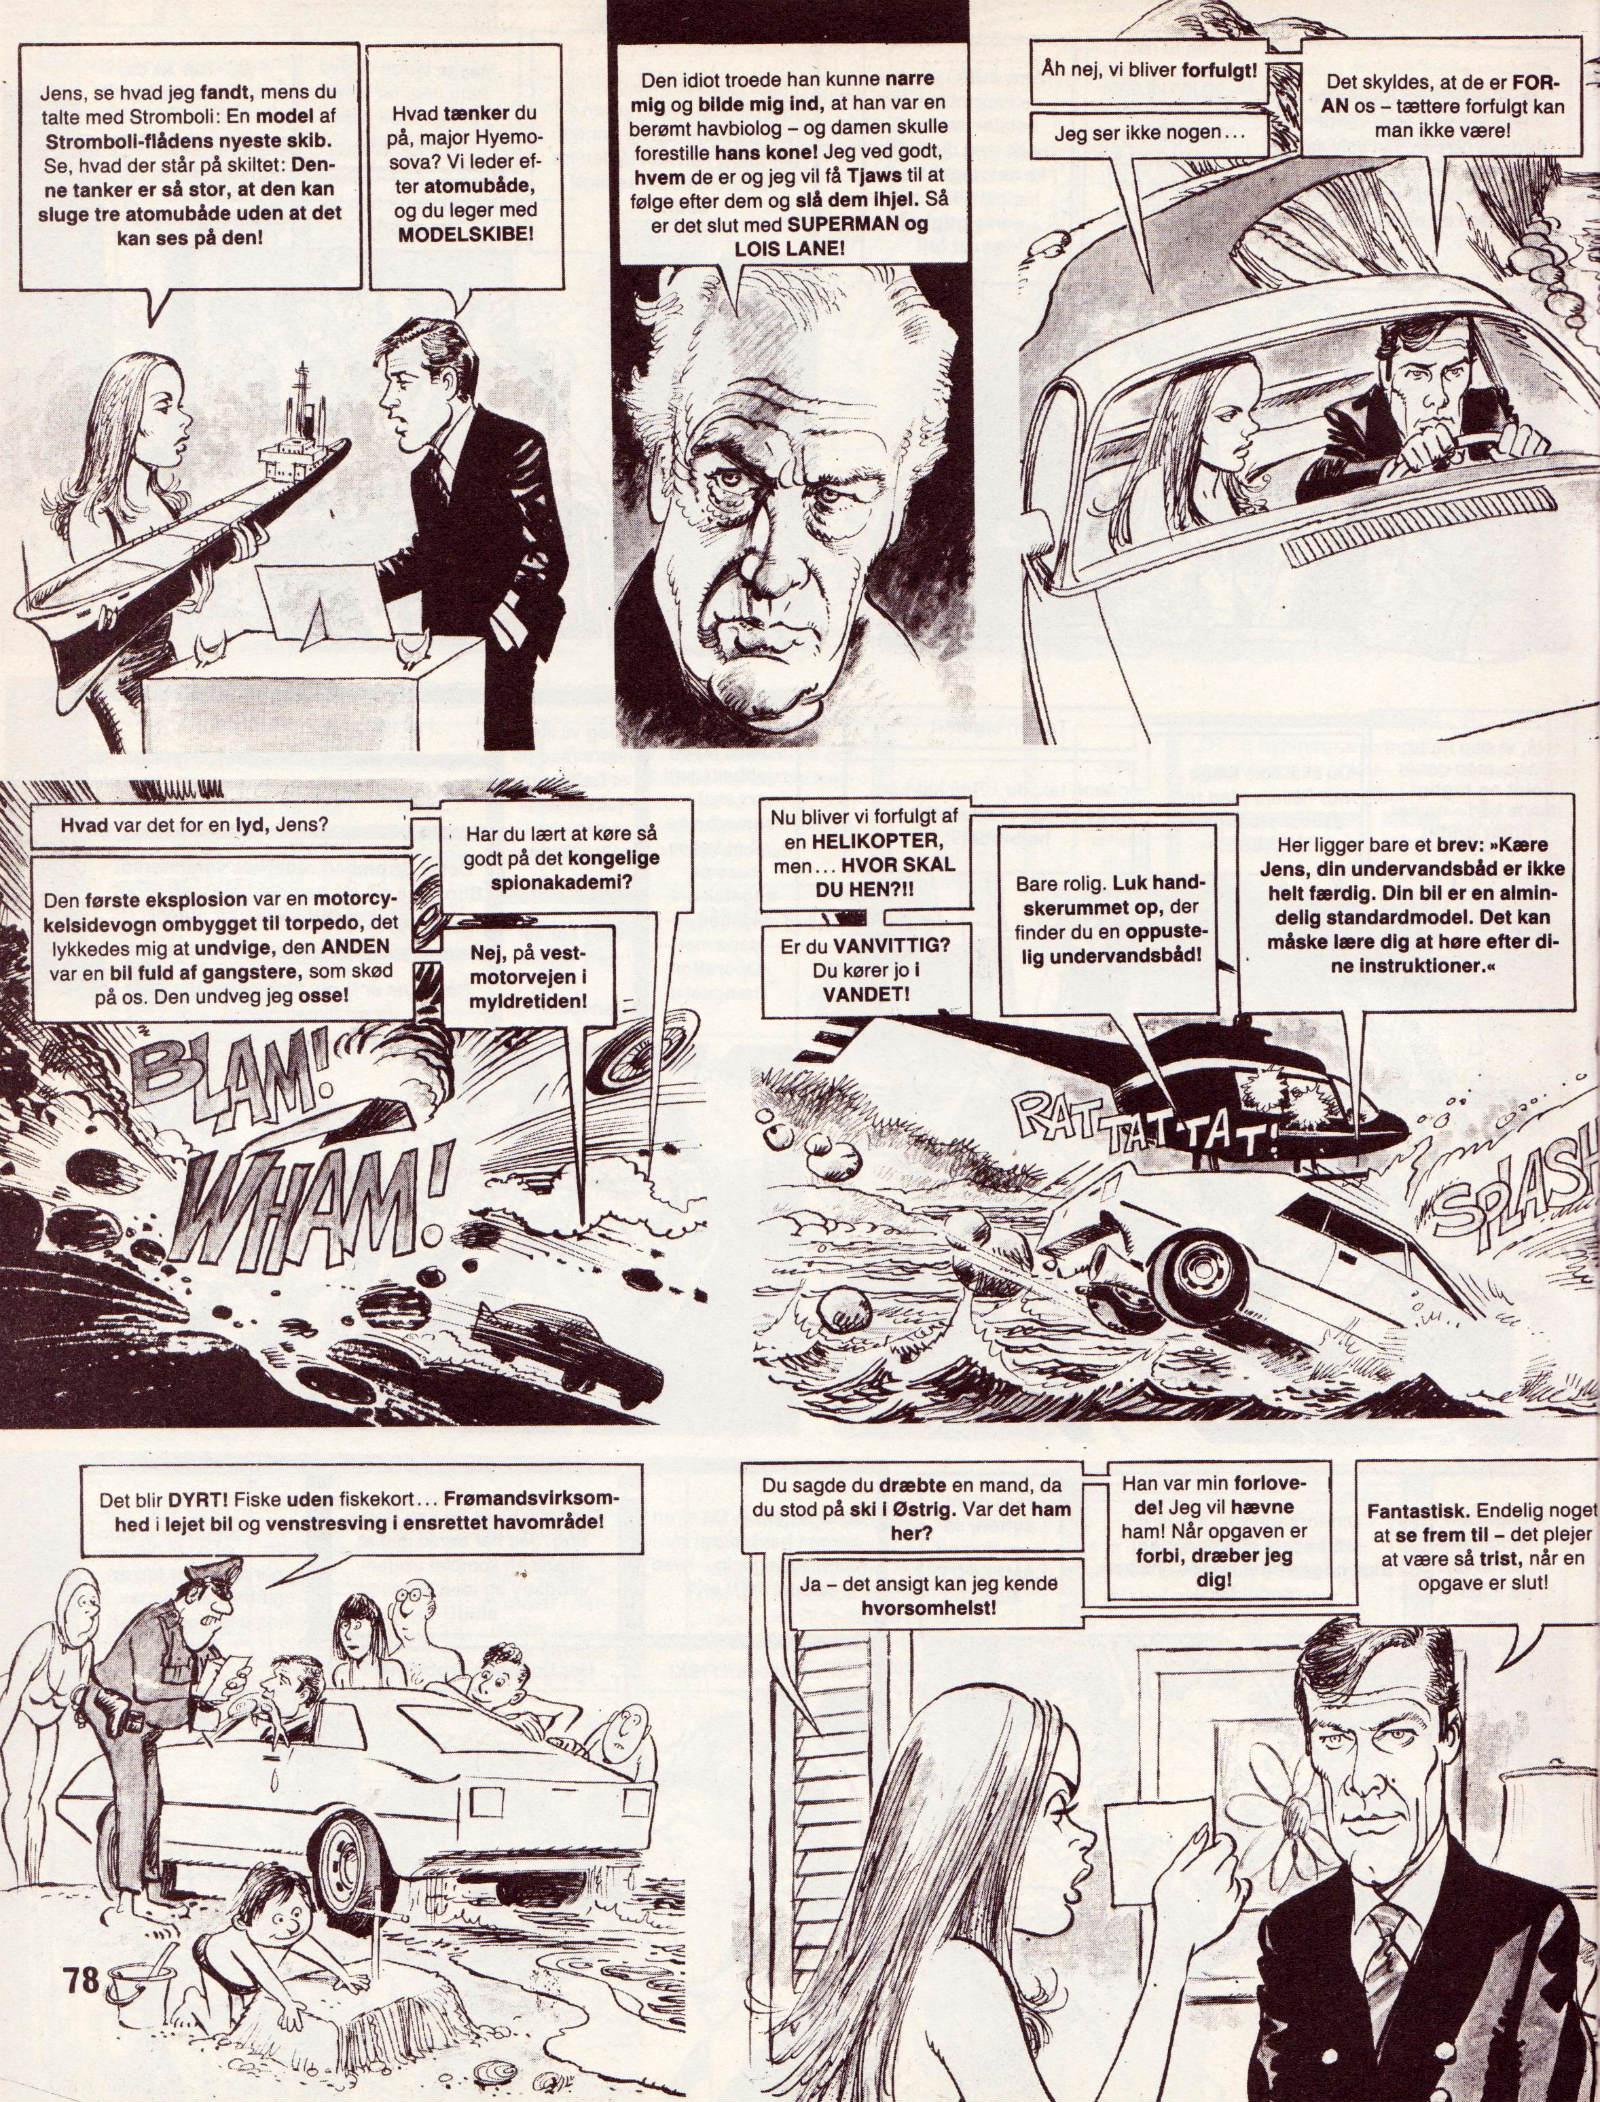 Spionen der elskede sig fra Dansk MAD's Videoguide side 78